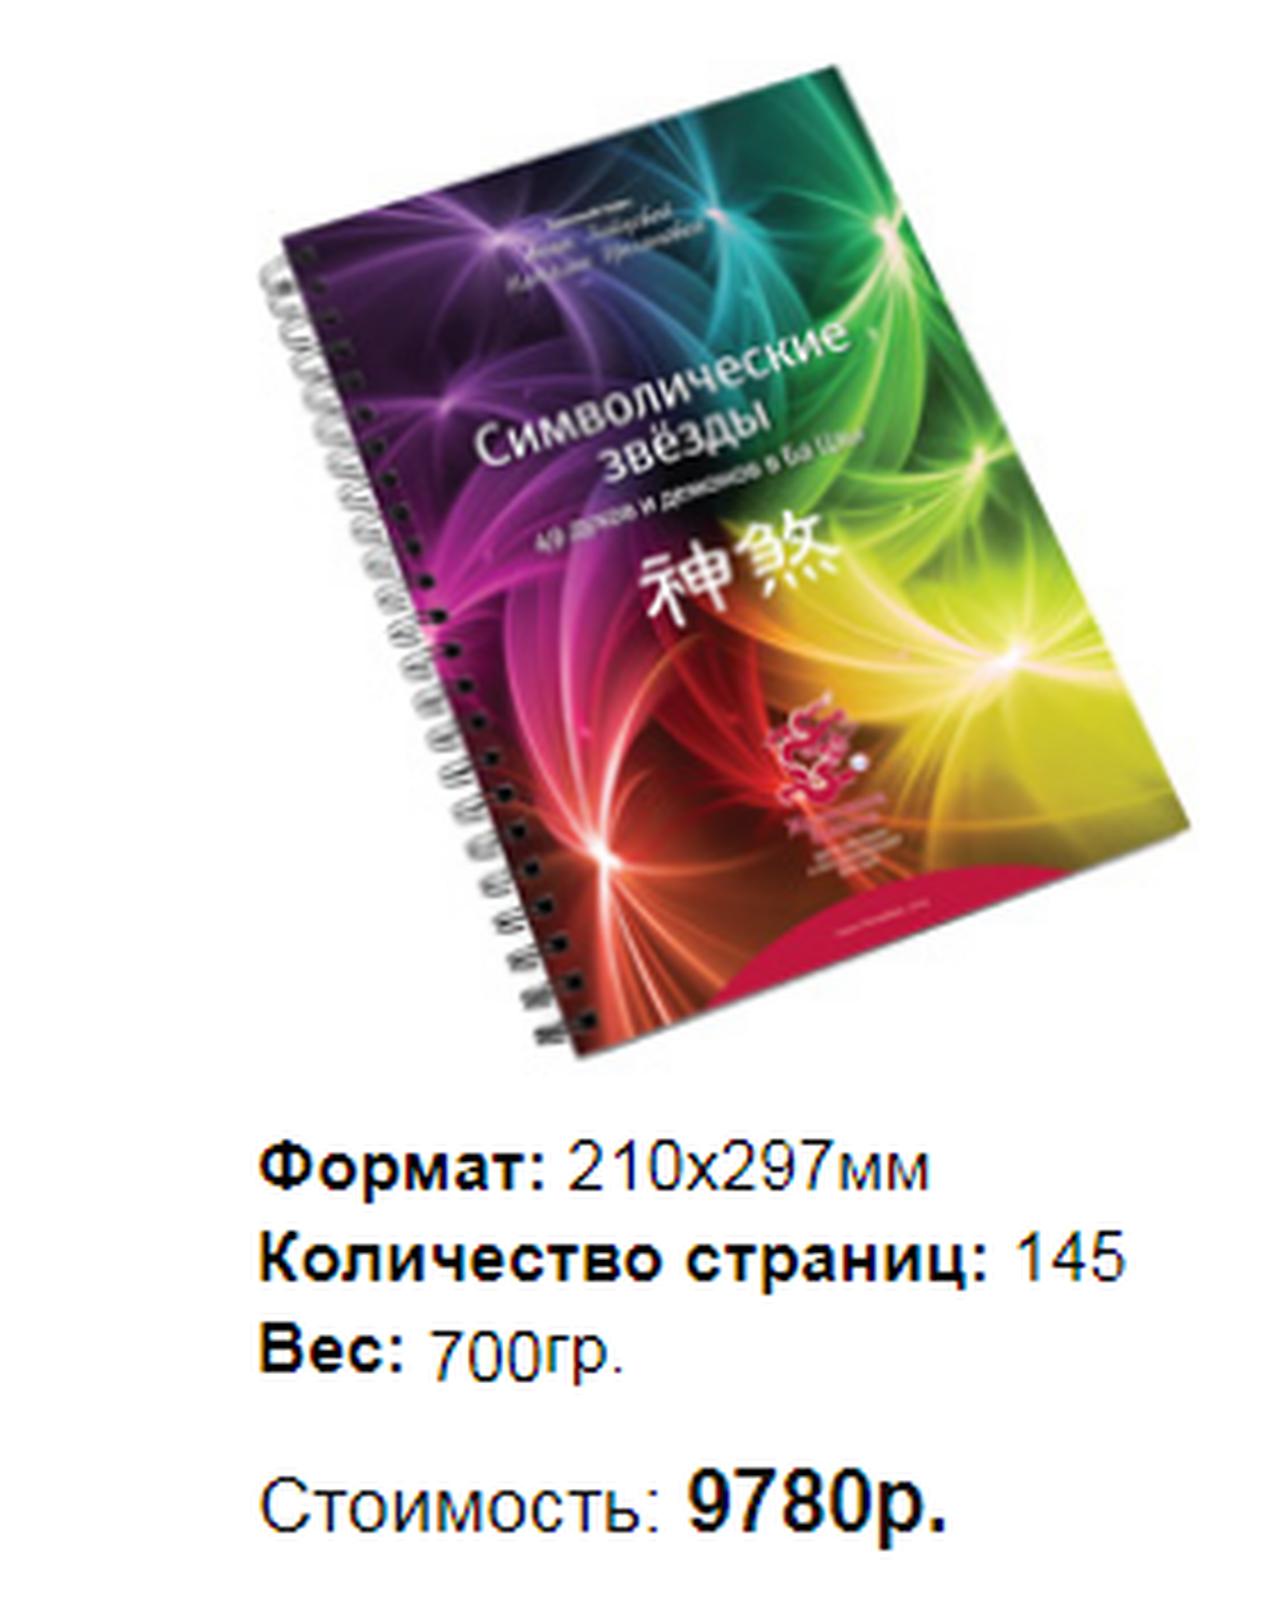 70 рублей одна страница.